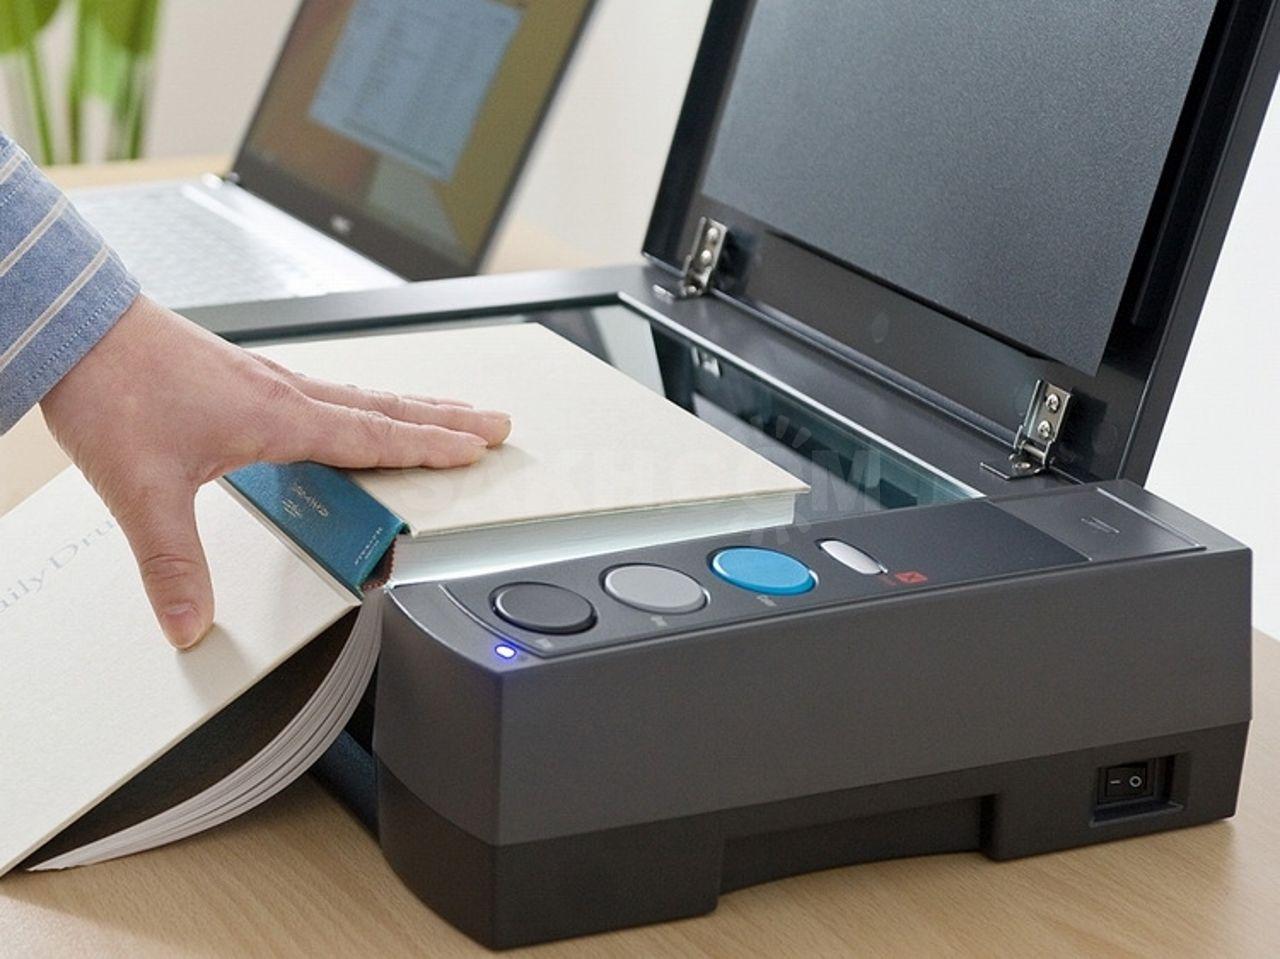 Как отсканировать документ или фото, сделать ксерокопию на принтере: пошаговая инструкция